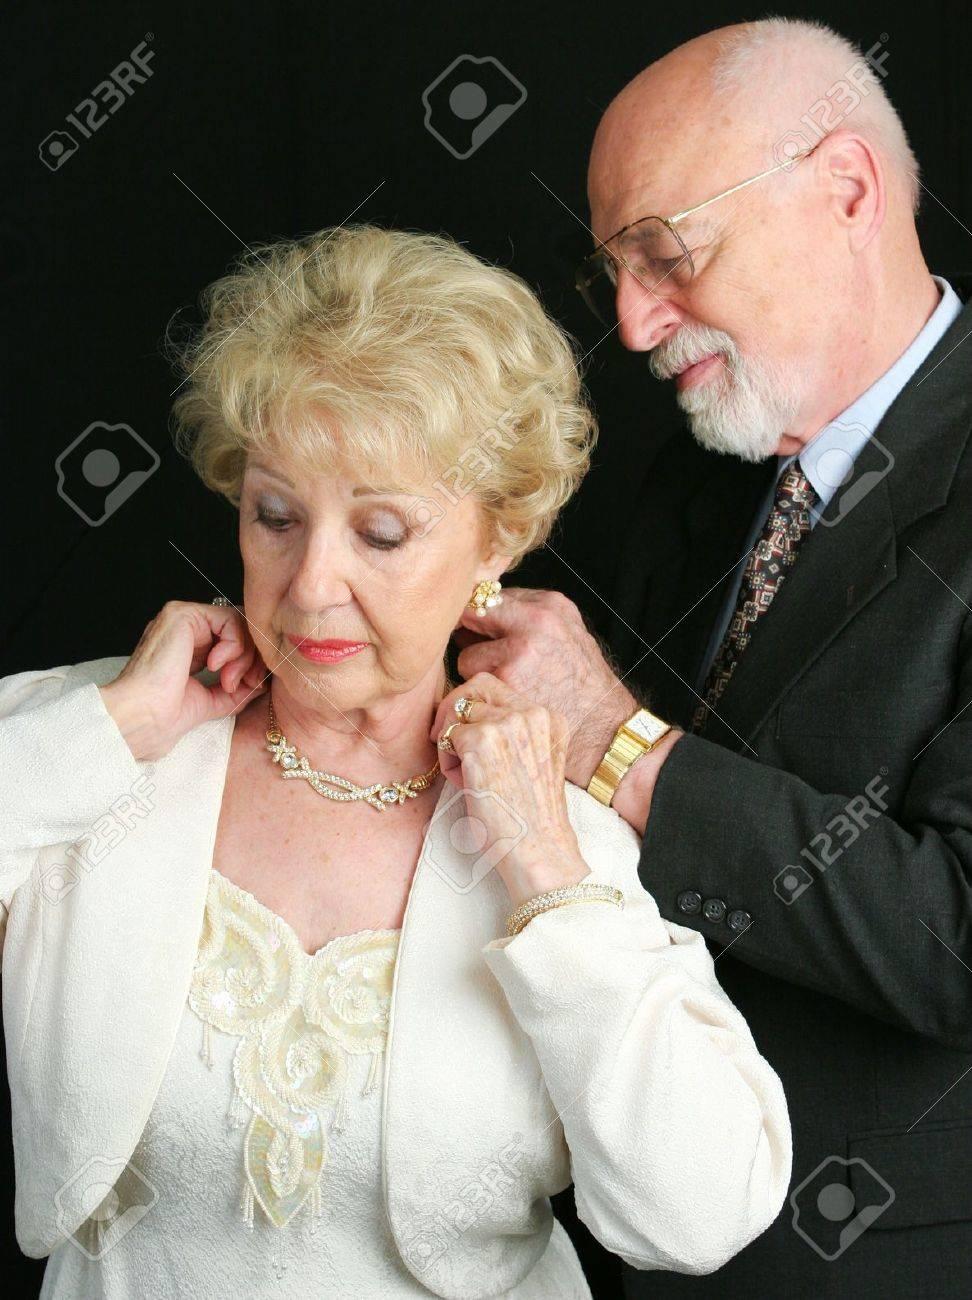 4368f59d4e066 写真素材 - 年配の男性が彼の妻を助ける彼の贈り物として彼女に与えている美しいダイヤモンドのネックレスをつけます。